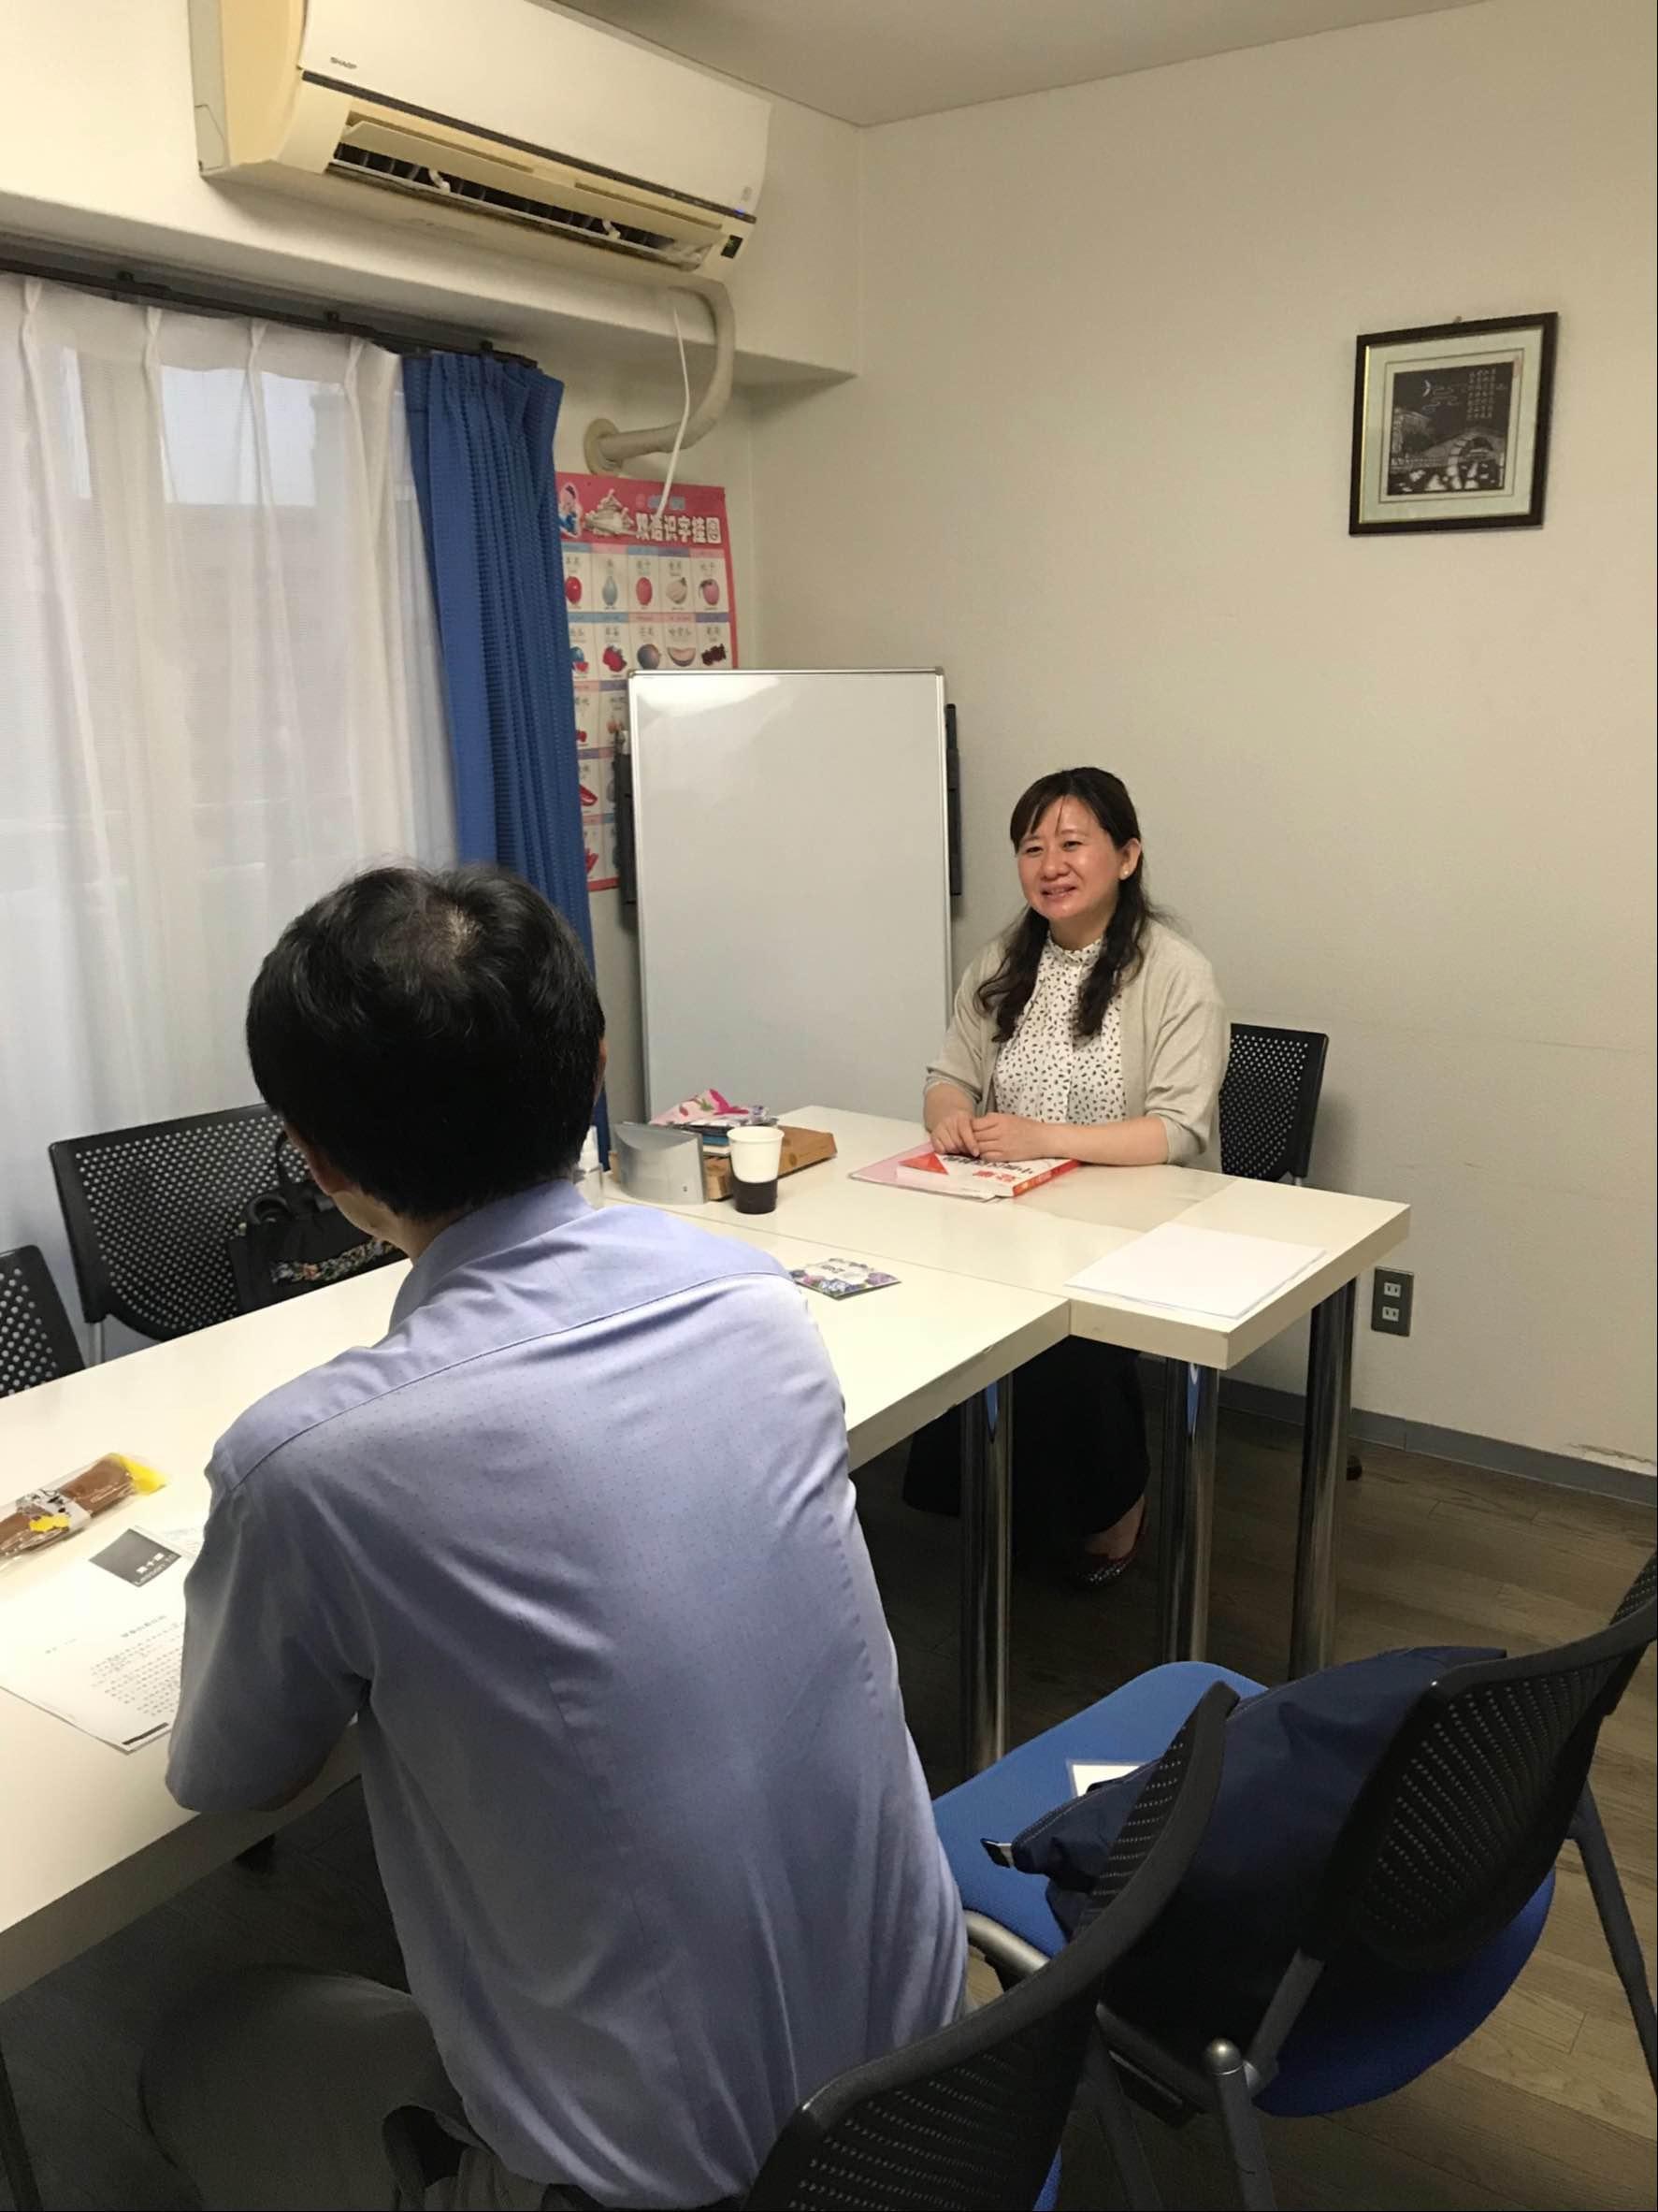 熱気球中国語教室